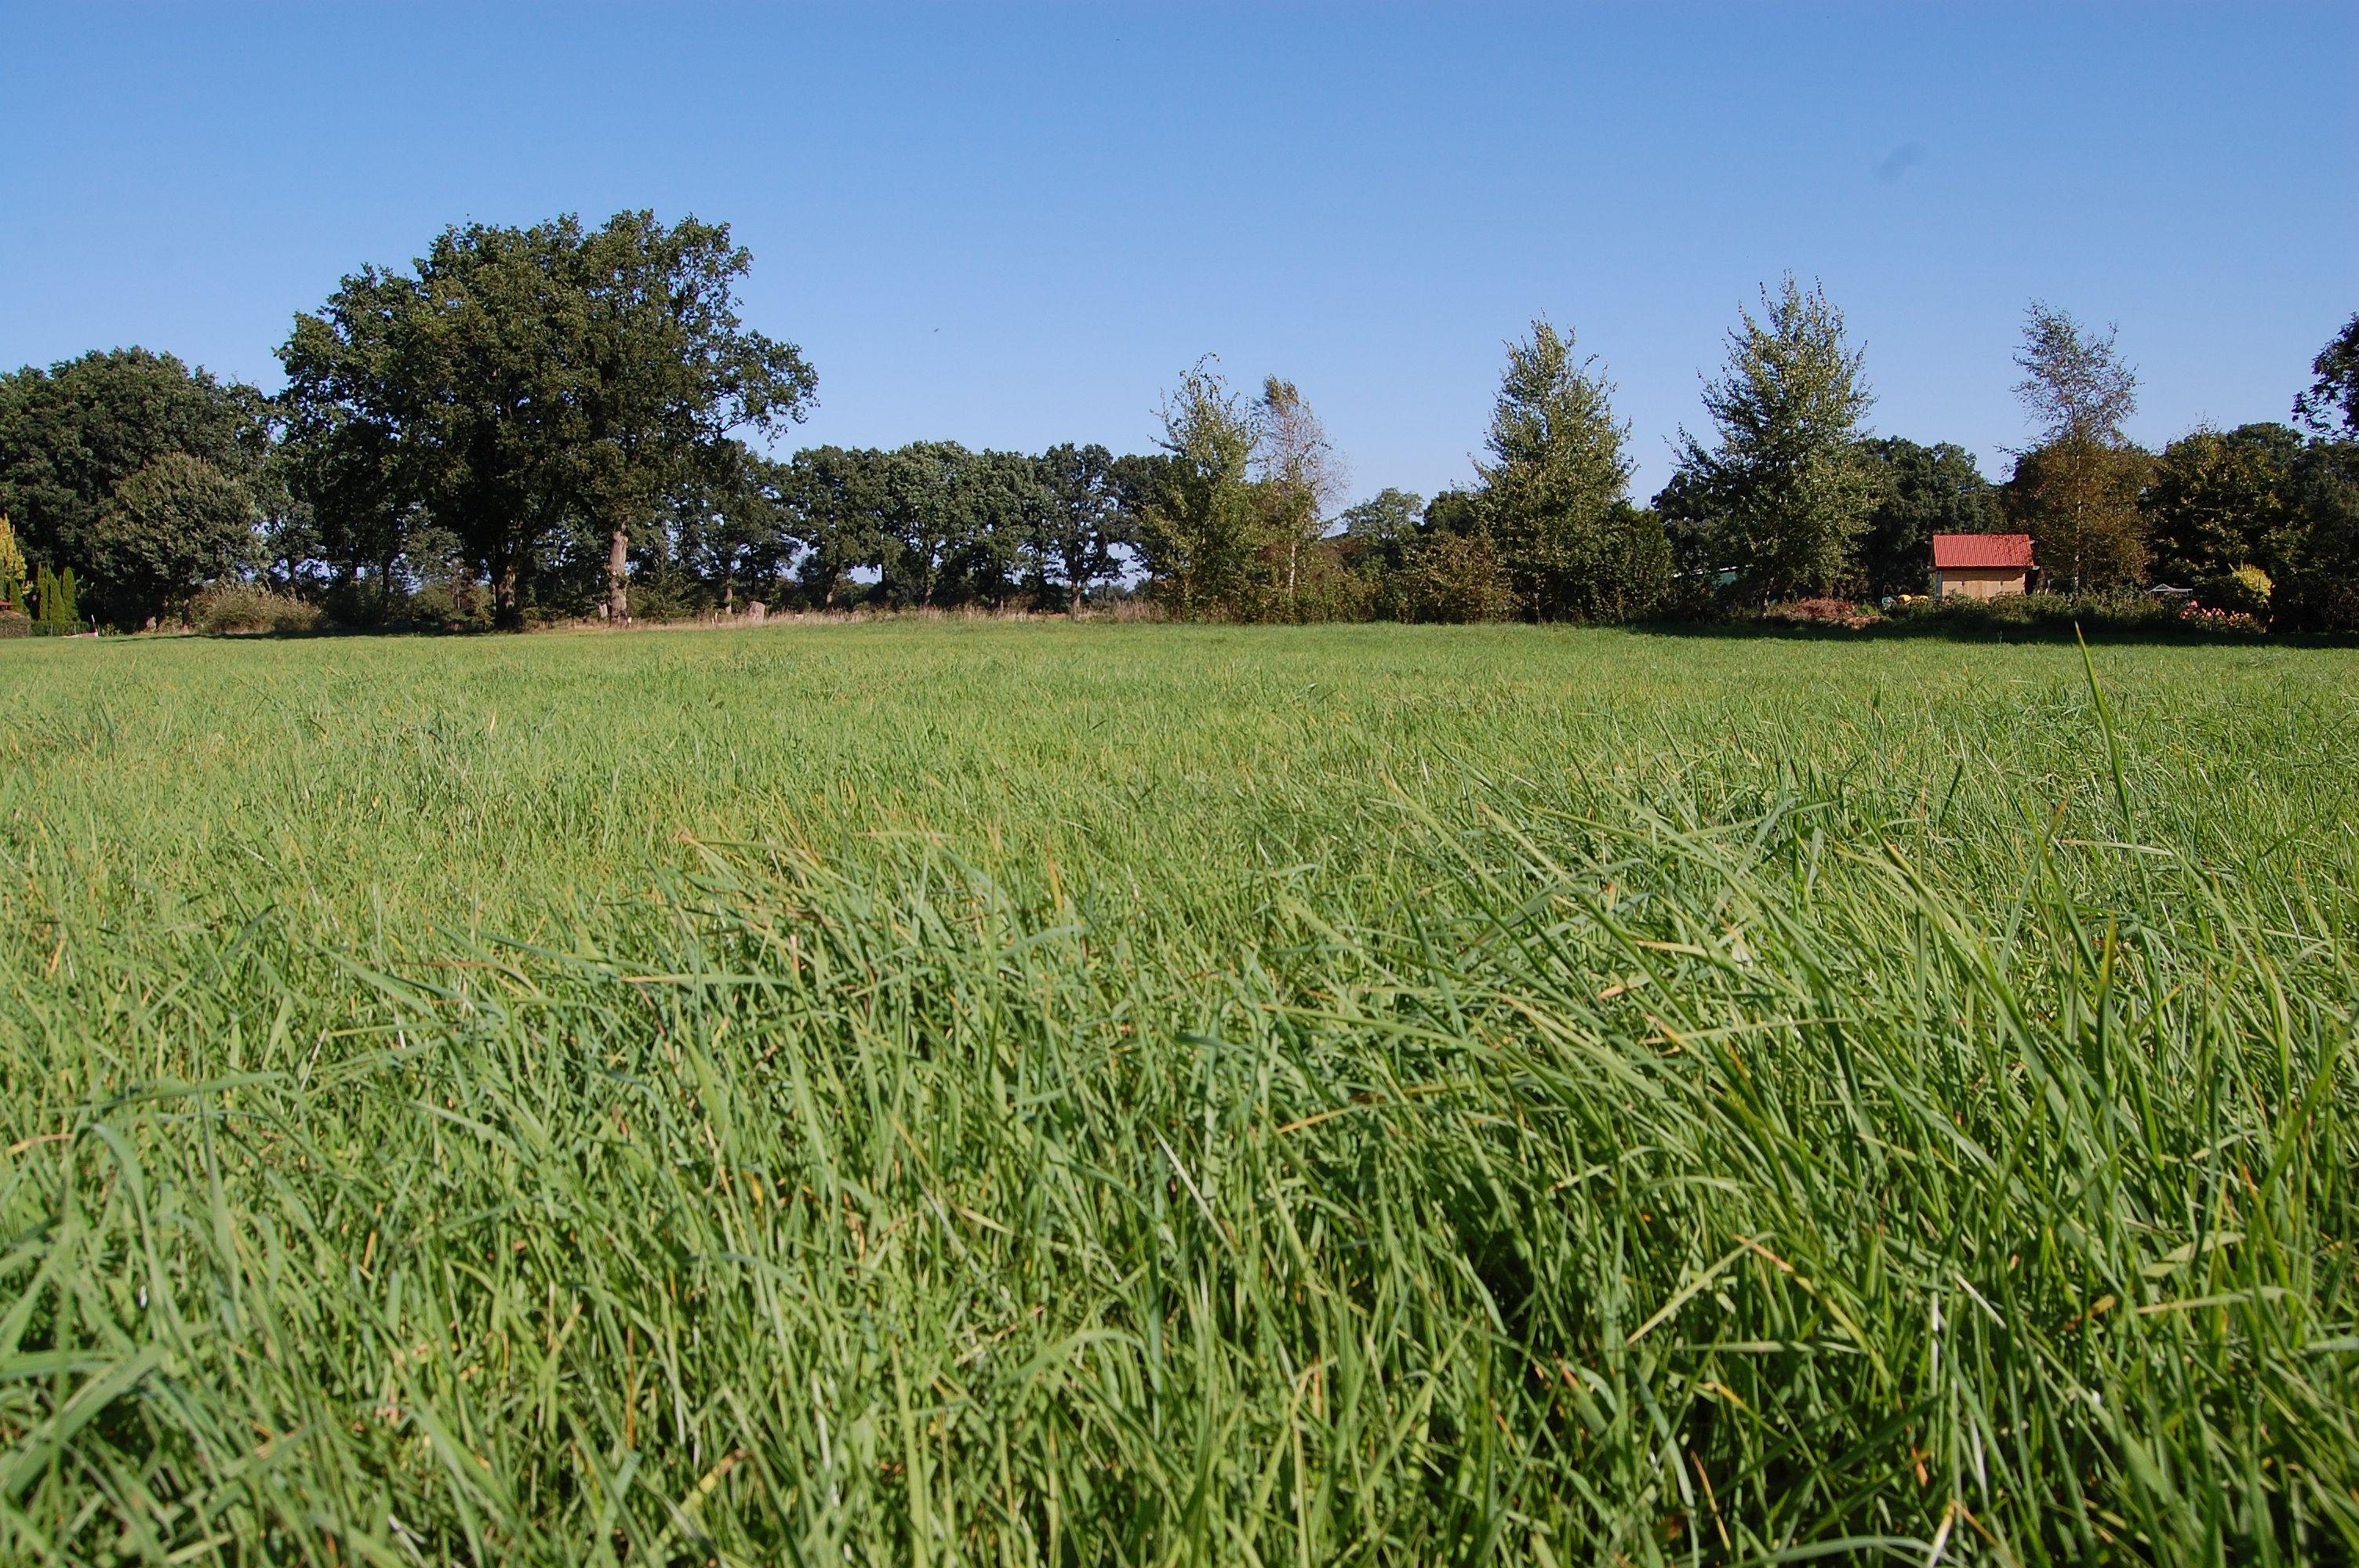 Neues Baugebiet in Offenau: Es geht weiter voran